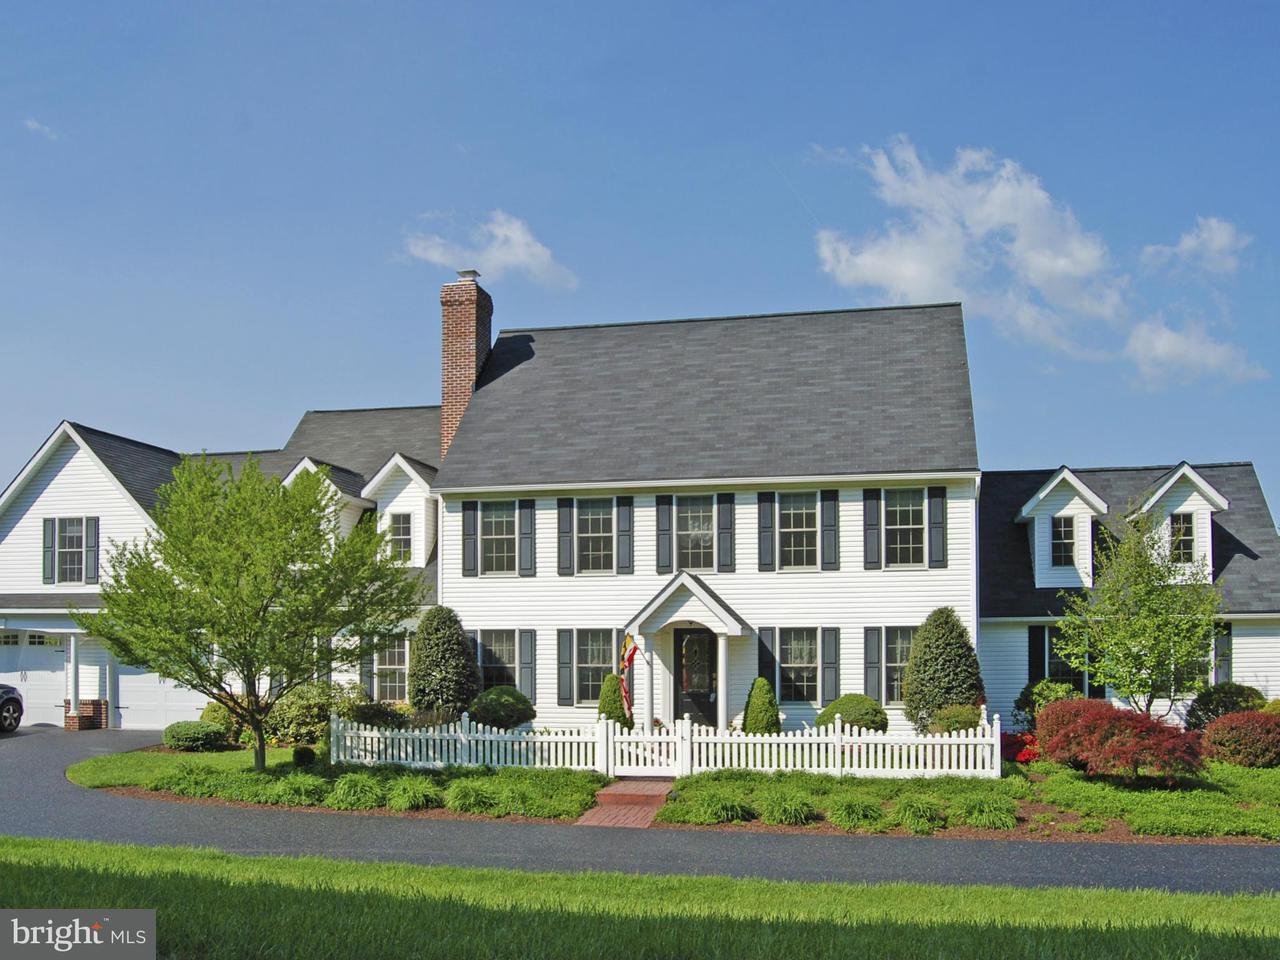 一戸建て のために 売買 アット 3660 Hooper Road 3660 Hooper Road New Windsor, メリーランド 21776 アメリカ合衆国